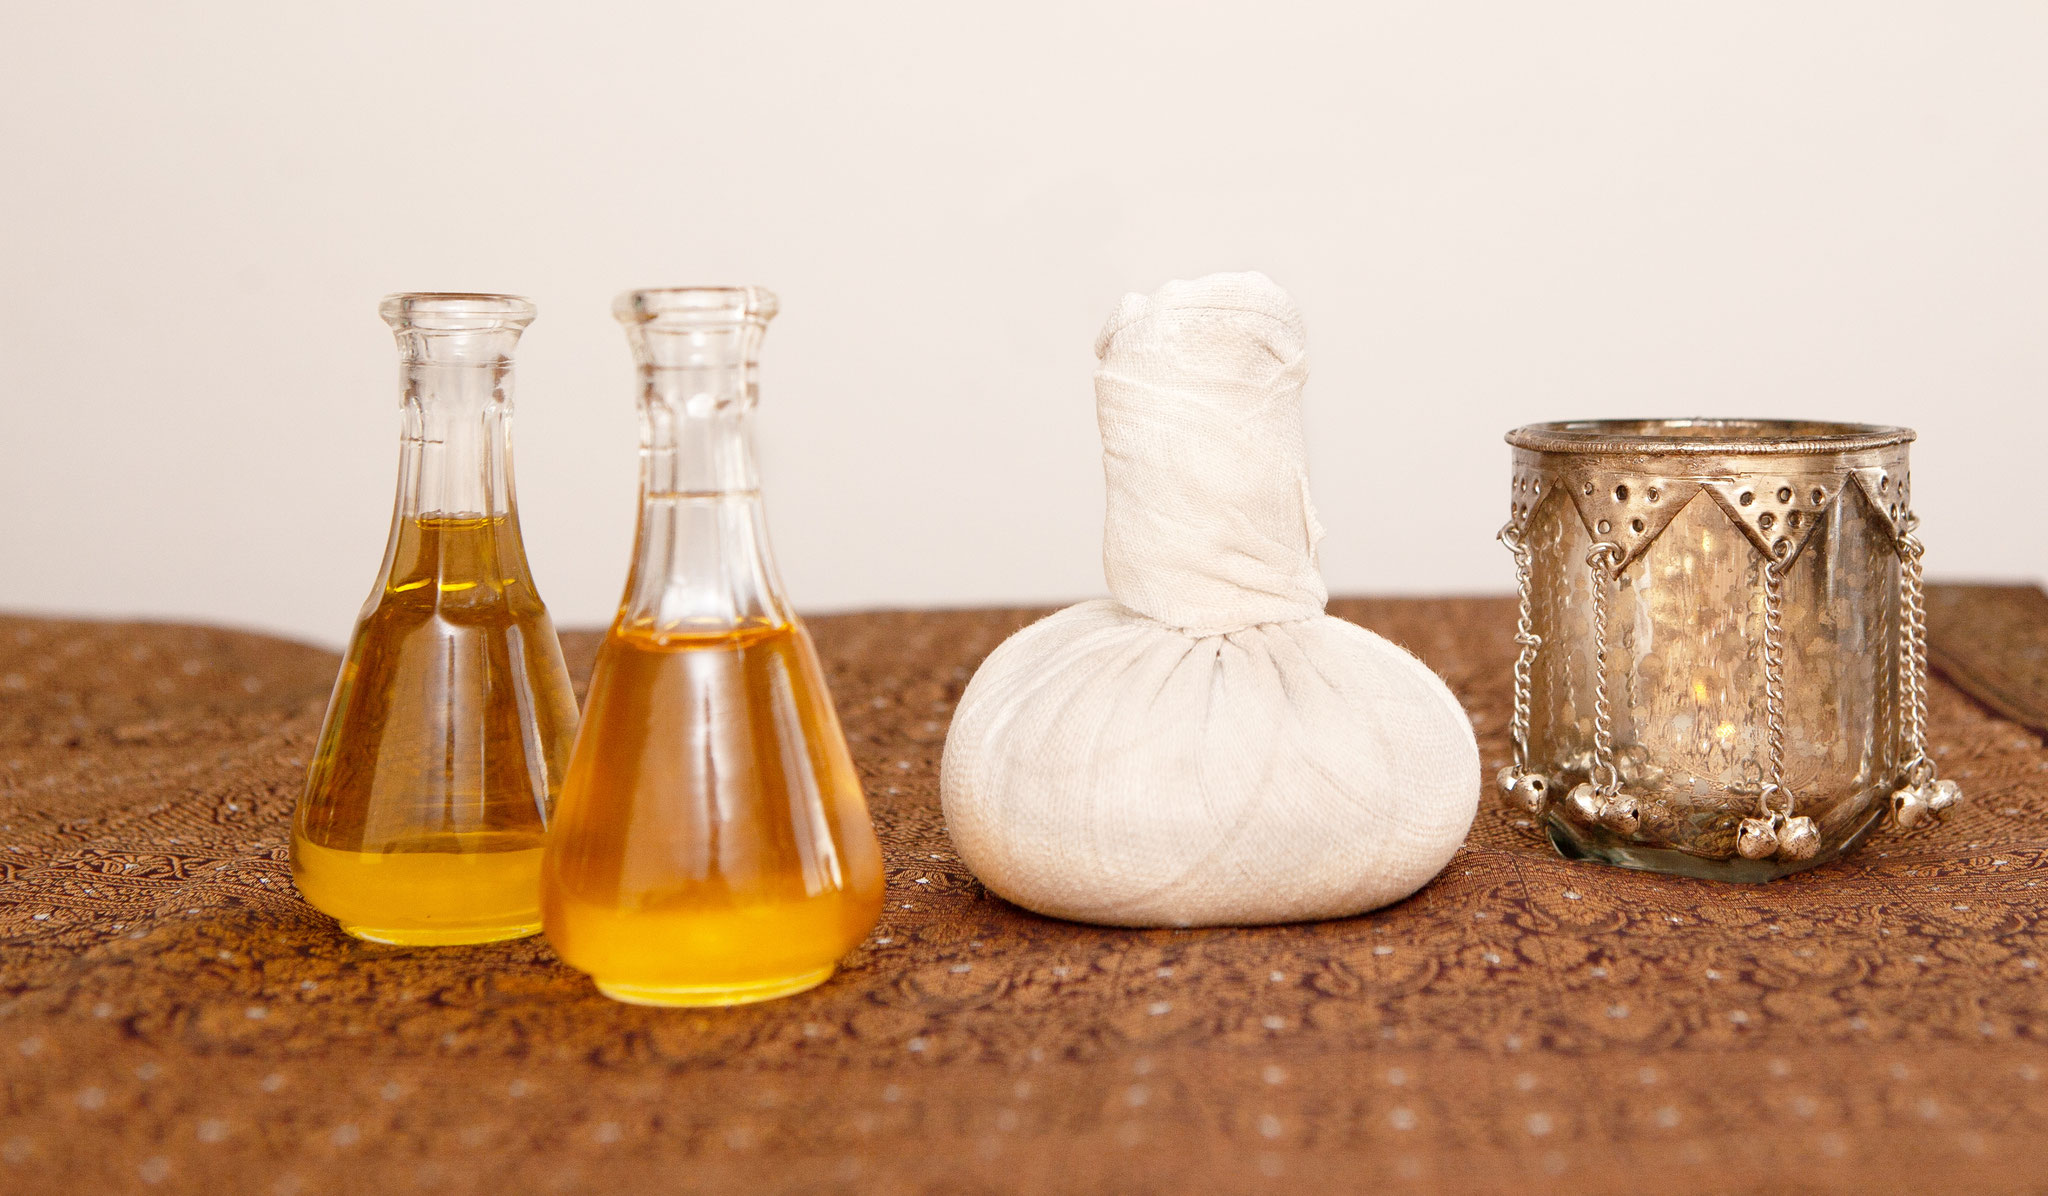 Hochwertige Öle und Kräuter für ayurvedische Anwendungen